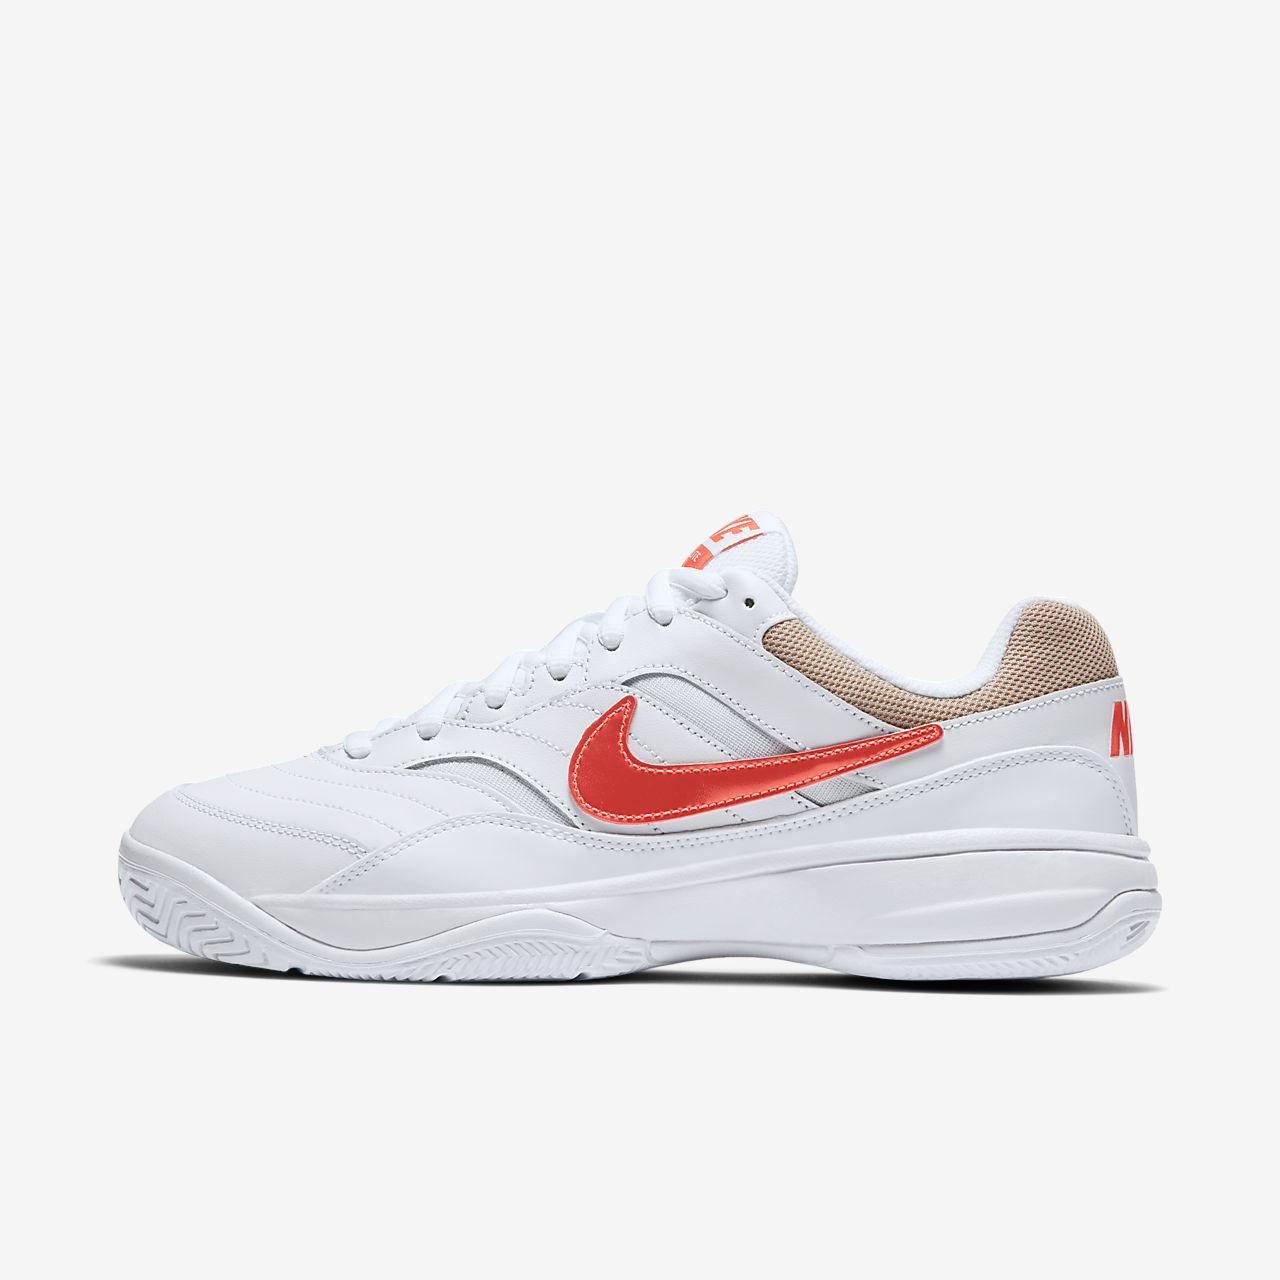 wholesale dealer 56e08 8d62d ... Chaussure de tennis pour surface dure NikeCourt Lite pour Homme